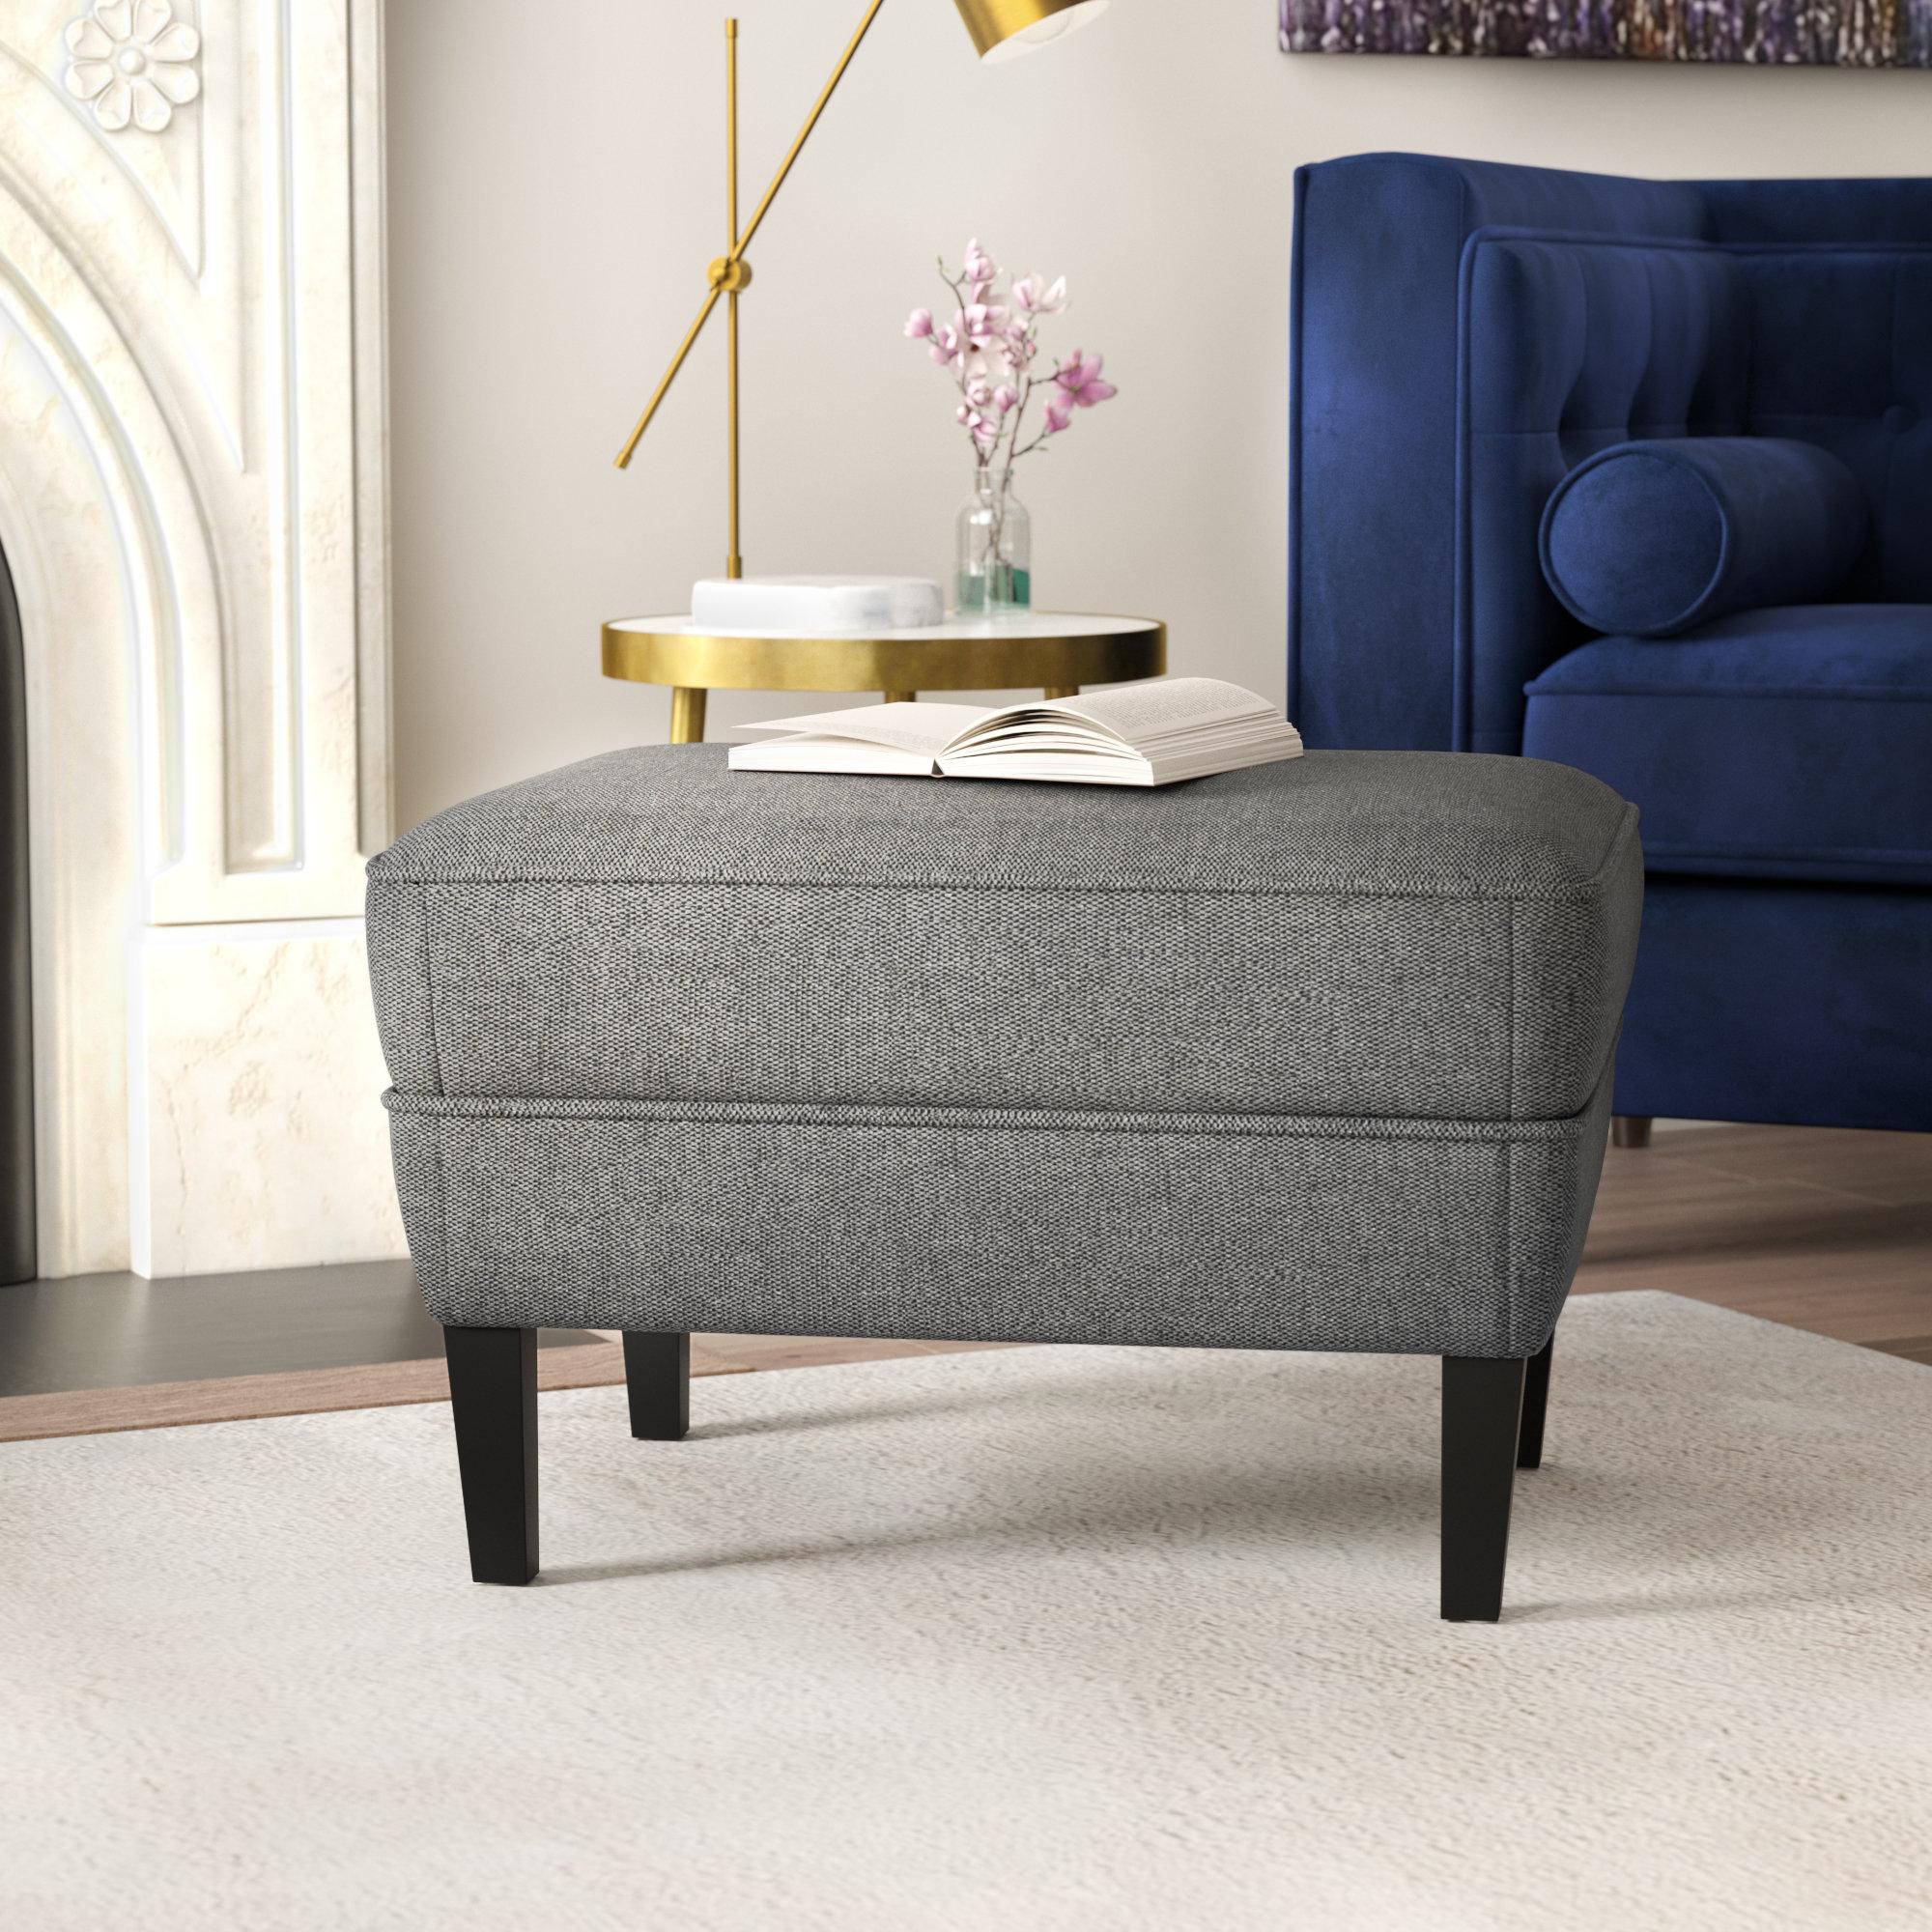 Willa Arlo Interiors Aquarius Ottoman & Reviews | Wayfair In Aquarius Dark Grey Sofa Chairs (View 8 of 20)